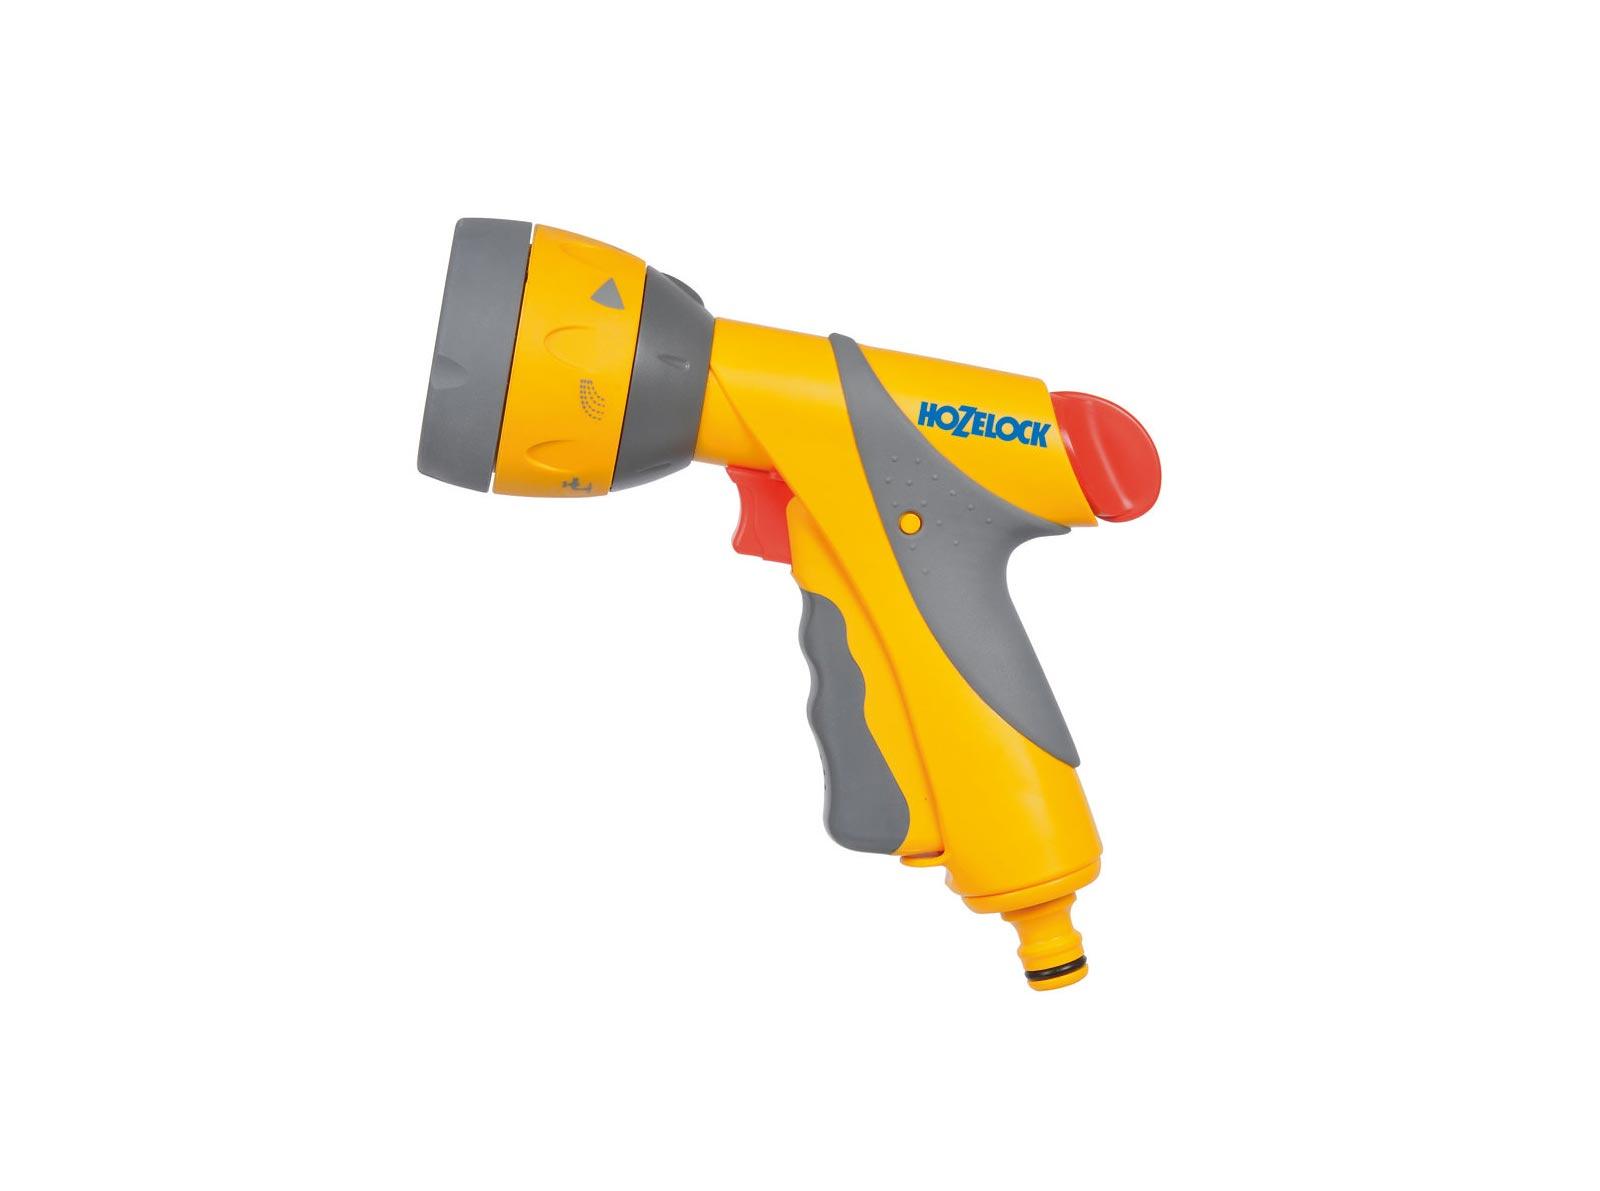 Пистолет для полива Hozelock Multi Spray Plus 2684, 6 режимов, желтый, серый, красный2684P3600Пистолет-распылитель HoZelock 2684 Multi Spray Plus 6 режимов - водяной пистолет, обладающий великолепным дизайном, приятной на ощупь поверхностью, и имеющий шесть типов распыления, предназначенных не только для полива, но и очистки загрязненных поверхностей. Курок максимально комфортной формы изготовлен из пластика, мягкого на ощупь. Плавное нажатие на курок способствует постепенной подаче воды от 0% до 100%. Для длительного непрерывного полива предусмотрен механизм фиксации курка, который минимизирует нагрузку на руку. Пистолет дополнительно оборудован поворотным регулятором, который позволяет увеличивать или уменьшать напор воды от 50% до 100%.Шесть типов распыления:мощная струя для очистки;веер для смыва мыльной пены с автомобиля;быстрый поток (для наполнения водой различных емкостей – леек и ведер);туман для бережного полива саженцев;душ, обеспечивающий бережное орошение граничных участков, горшков и кашпо;конусная струя для мягкого полива.